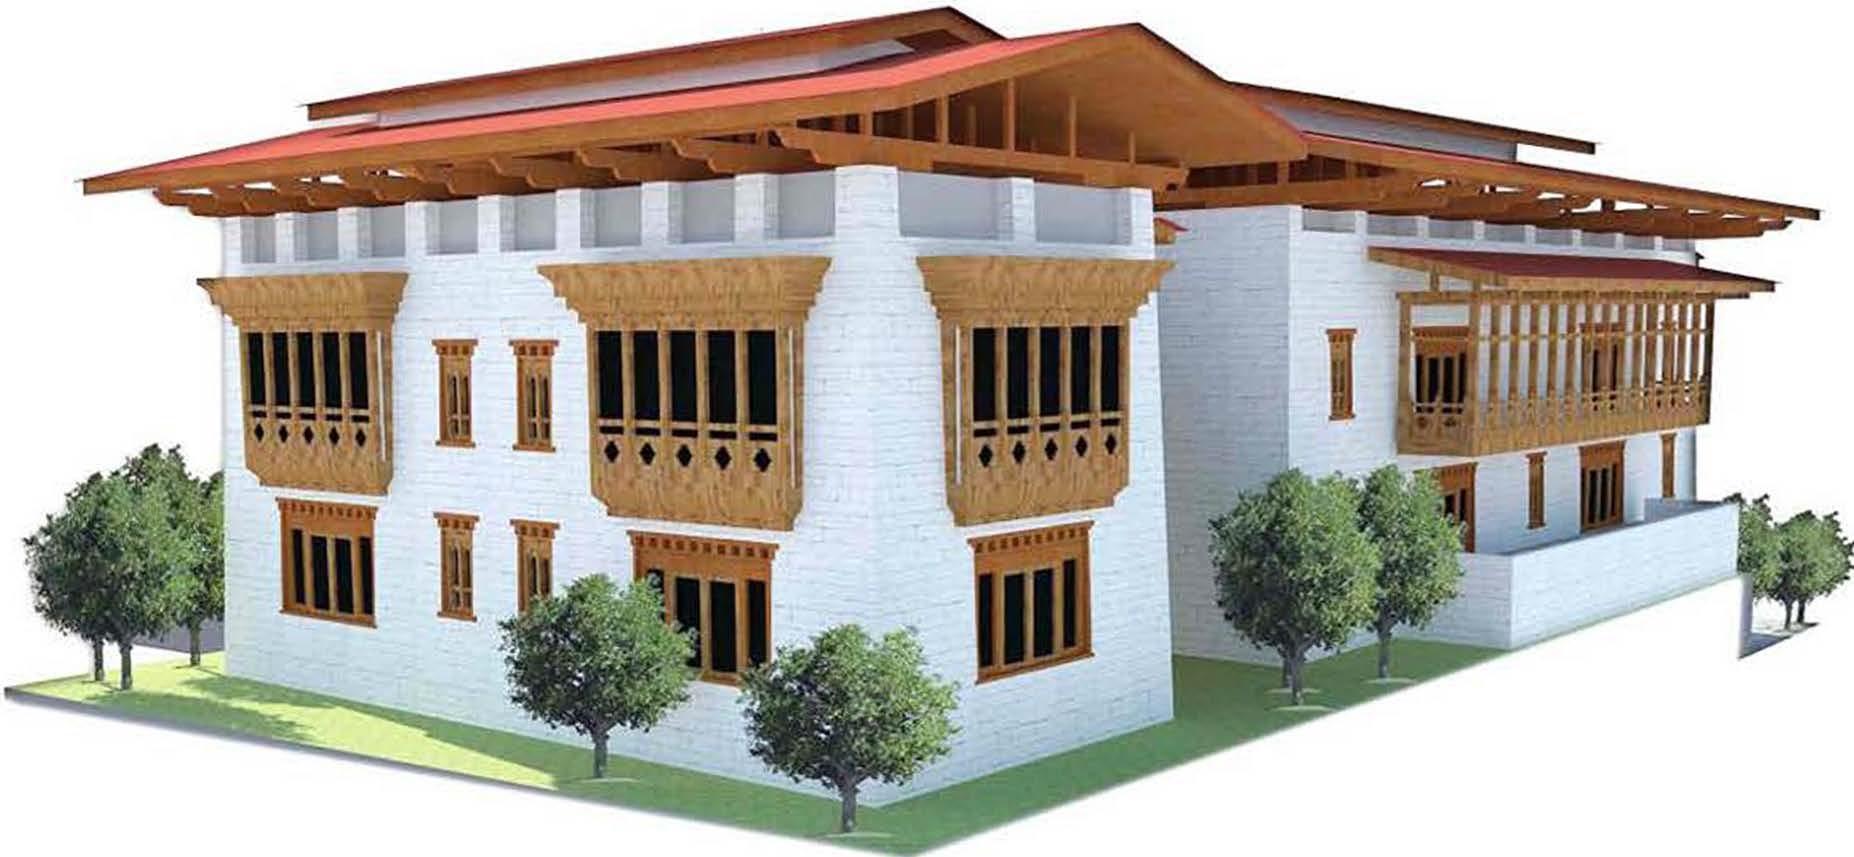 Building Rendering 3.jpg